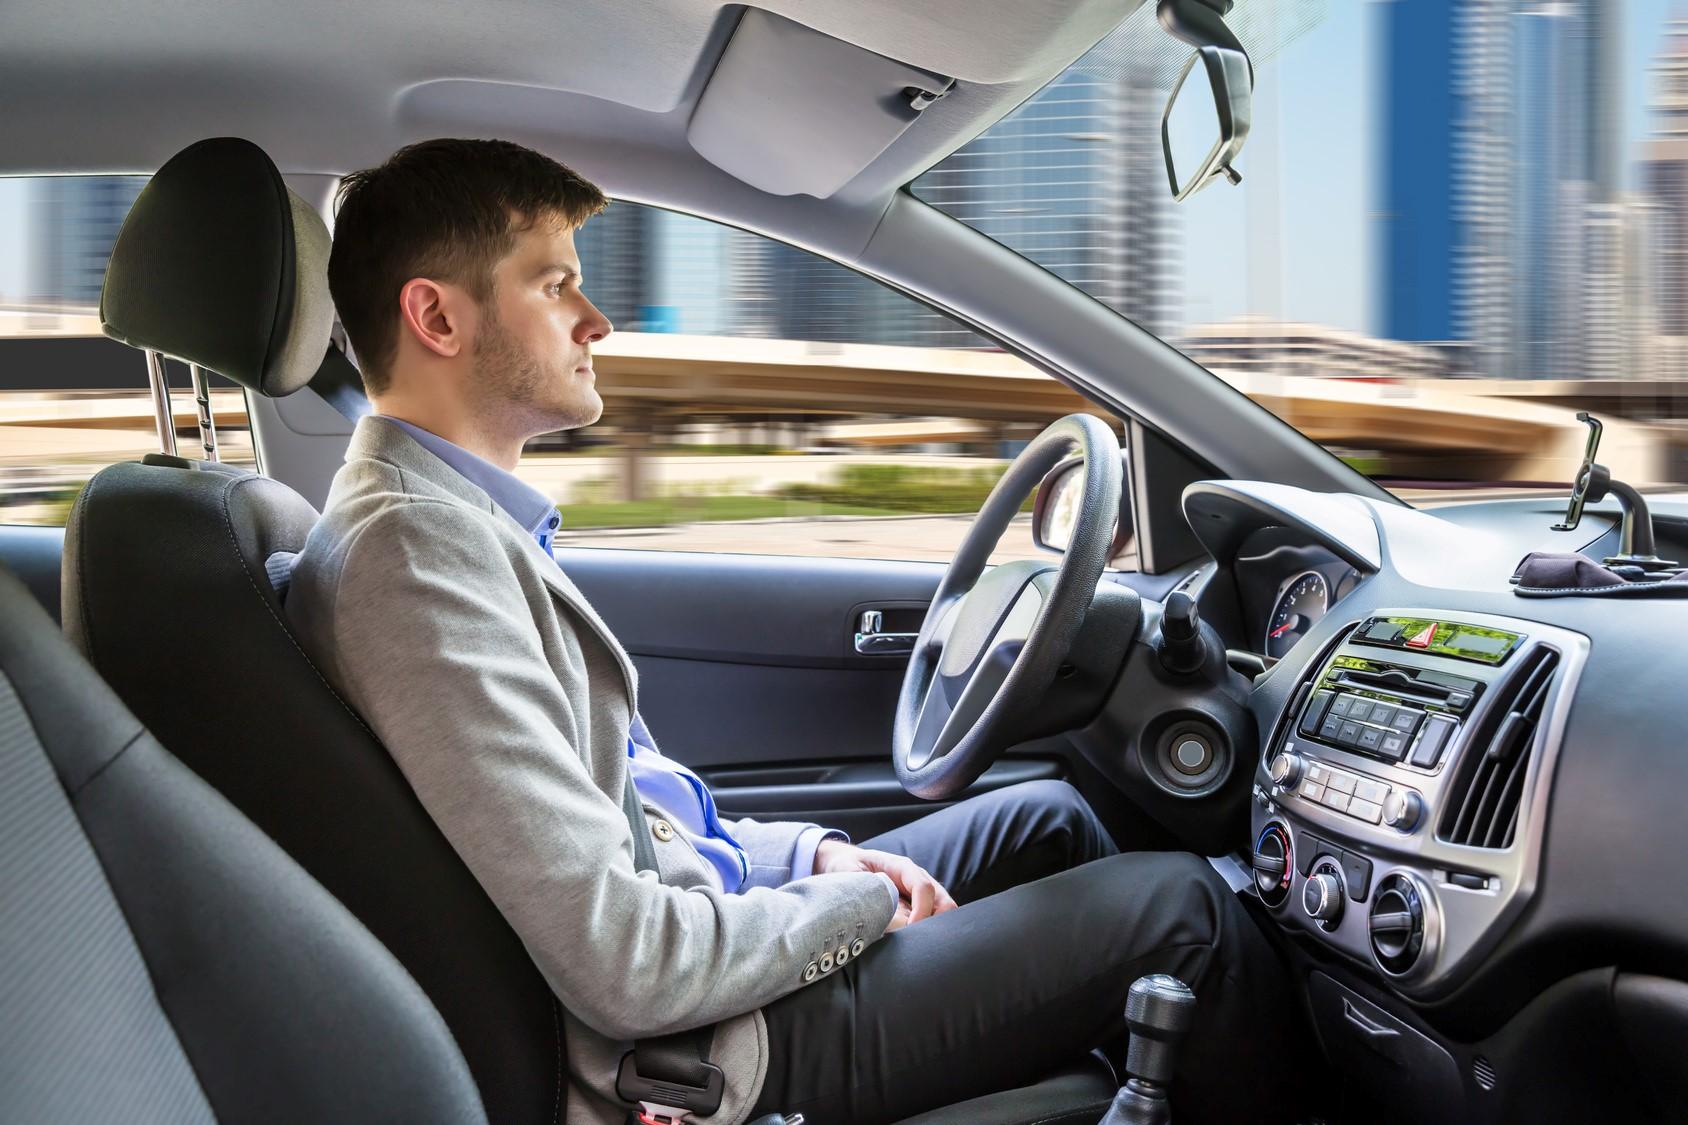 Les voitures autonomes en France, ça se précise